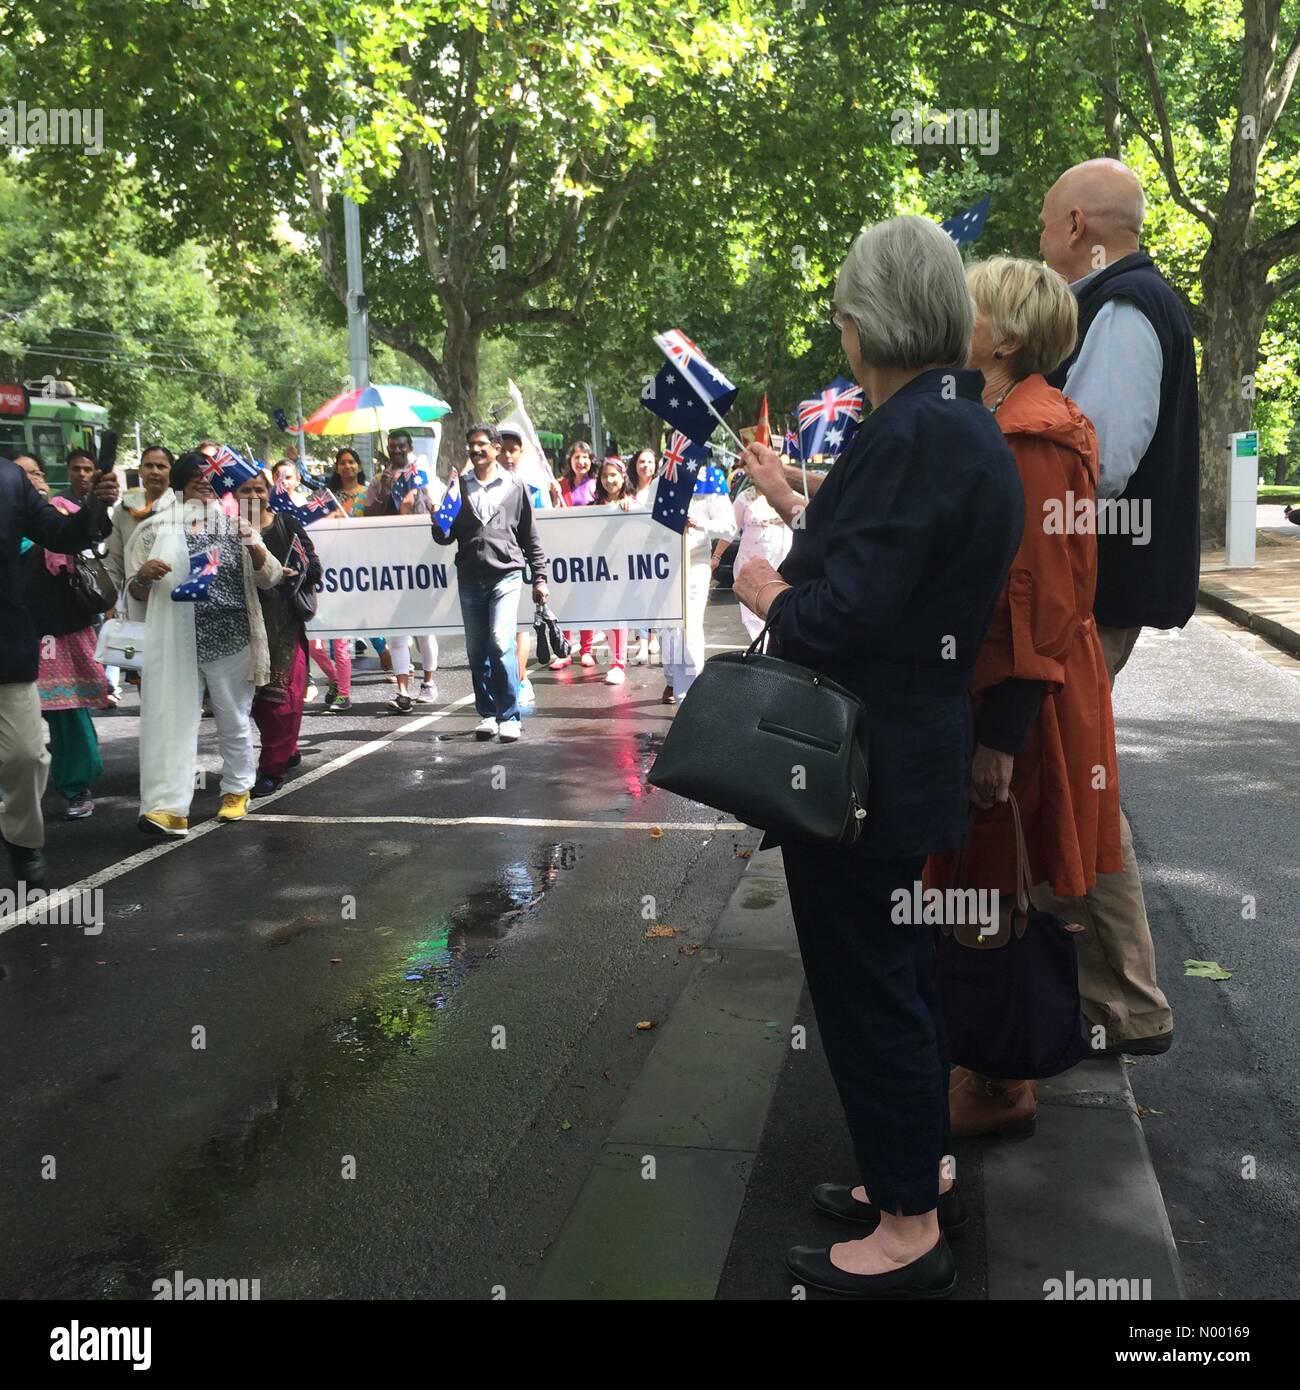 Arts Centre, Southbank VIC, Australie. 26 janvier, 2015. Personnes agitant des drapeaux de l'Australie et en regardant l'Australie Day Parade sur St Kilda Rd, Melbourne, Australie. Australian-Indian en tenant la communauté participant au défilé: Crédit Kerin Forstmanis/StockimoNews/Alamy Live News Banque D'Images